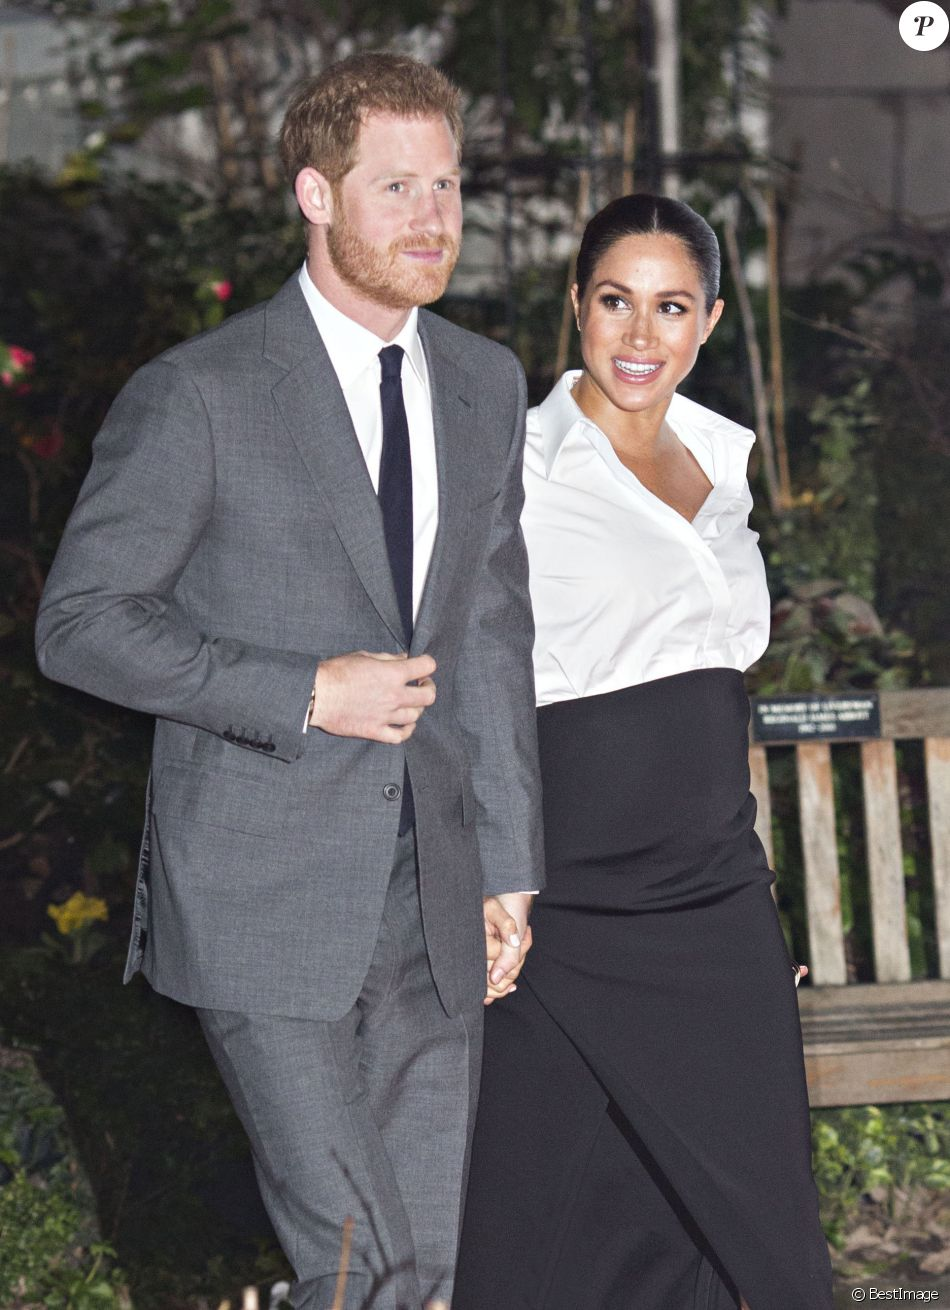 Le prince Harry, duc de Sussex, et Meghan Markle, enceinte, duchesse de Sussex, lors du cocktail d'accueil aux Endeavour fund Awards au Drapers' Hall à Londres le 7 février 2019.